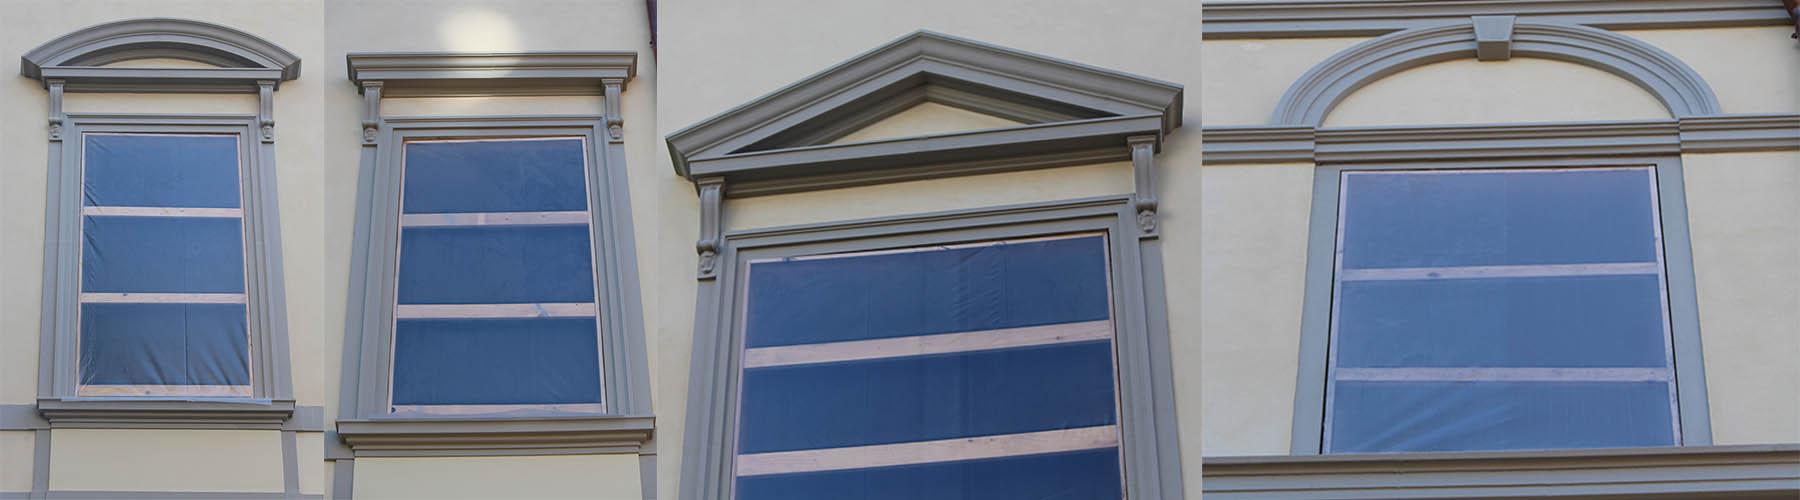 Cornici per finestre esterne - Hermes porte e finestre srl ...